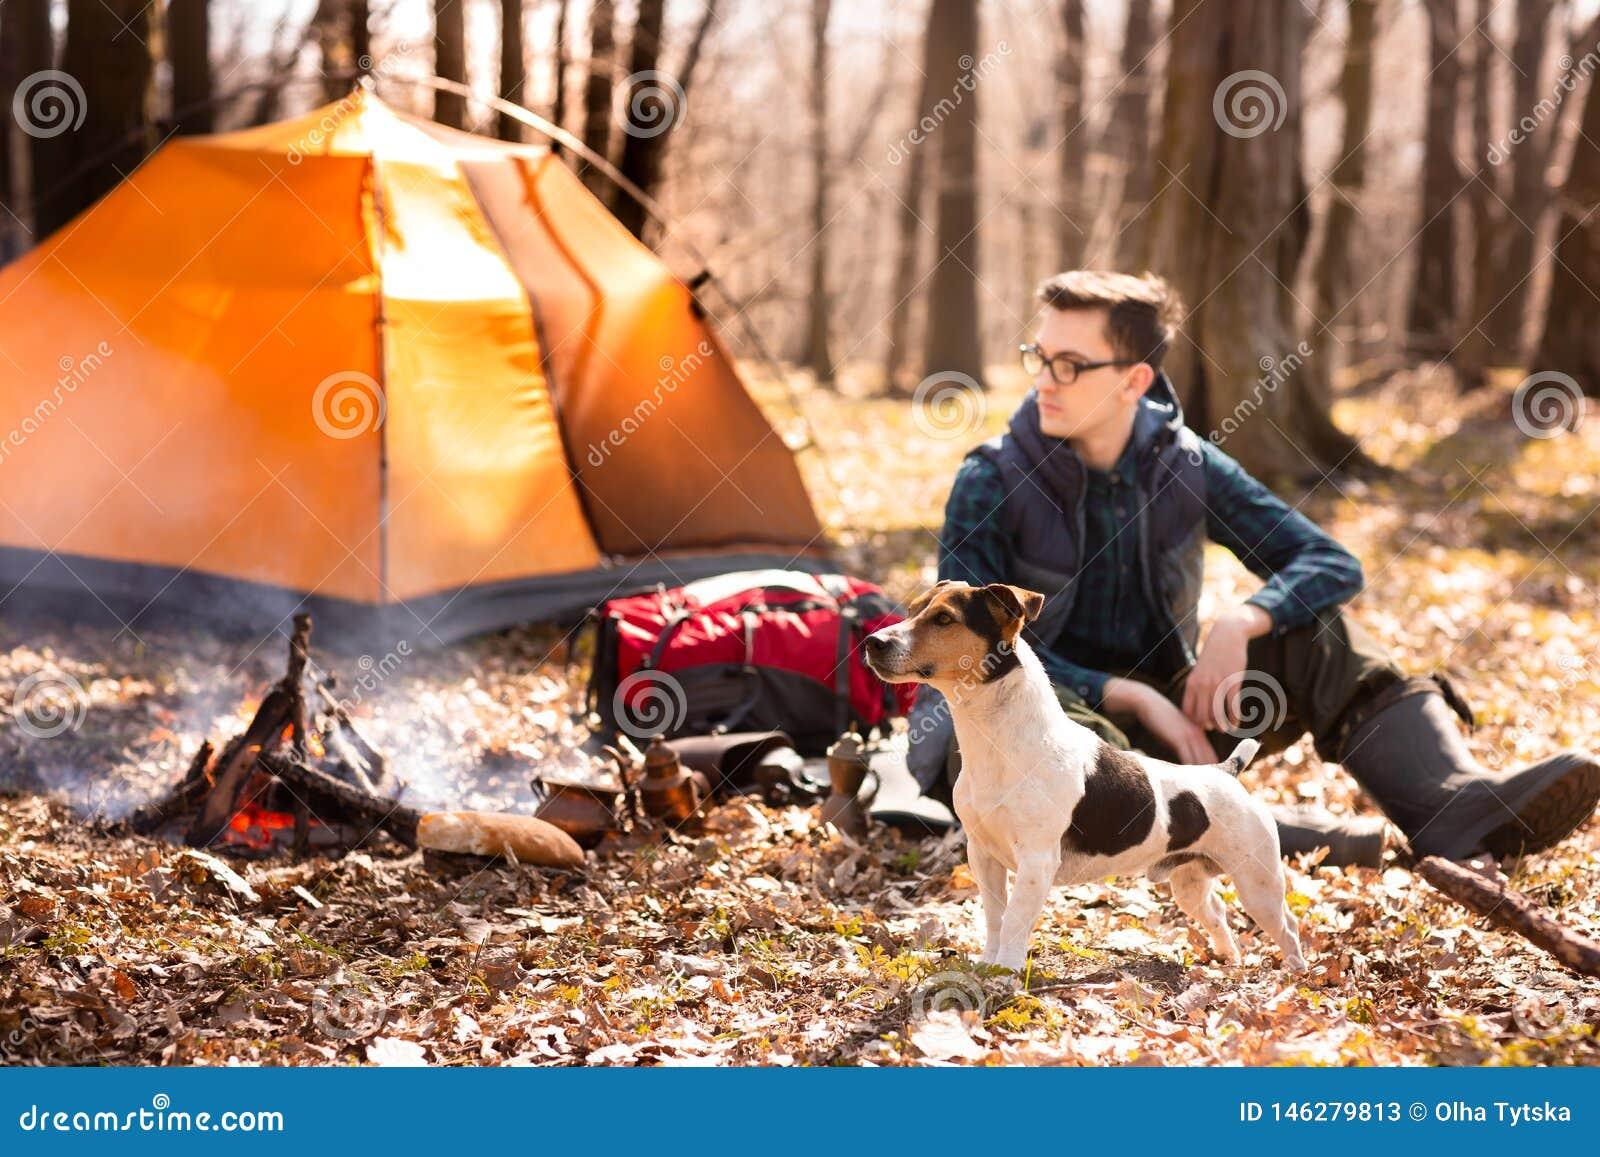 Fotografia turysta z psem, odpoczywa w lesie blisko ogienia i pomara?cze namiotu